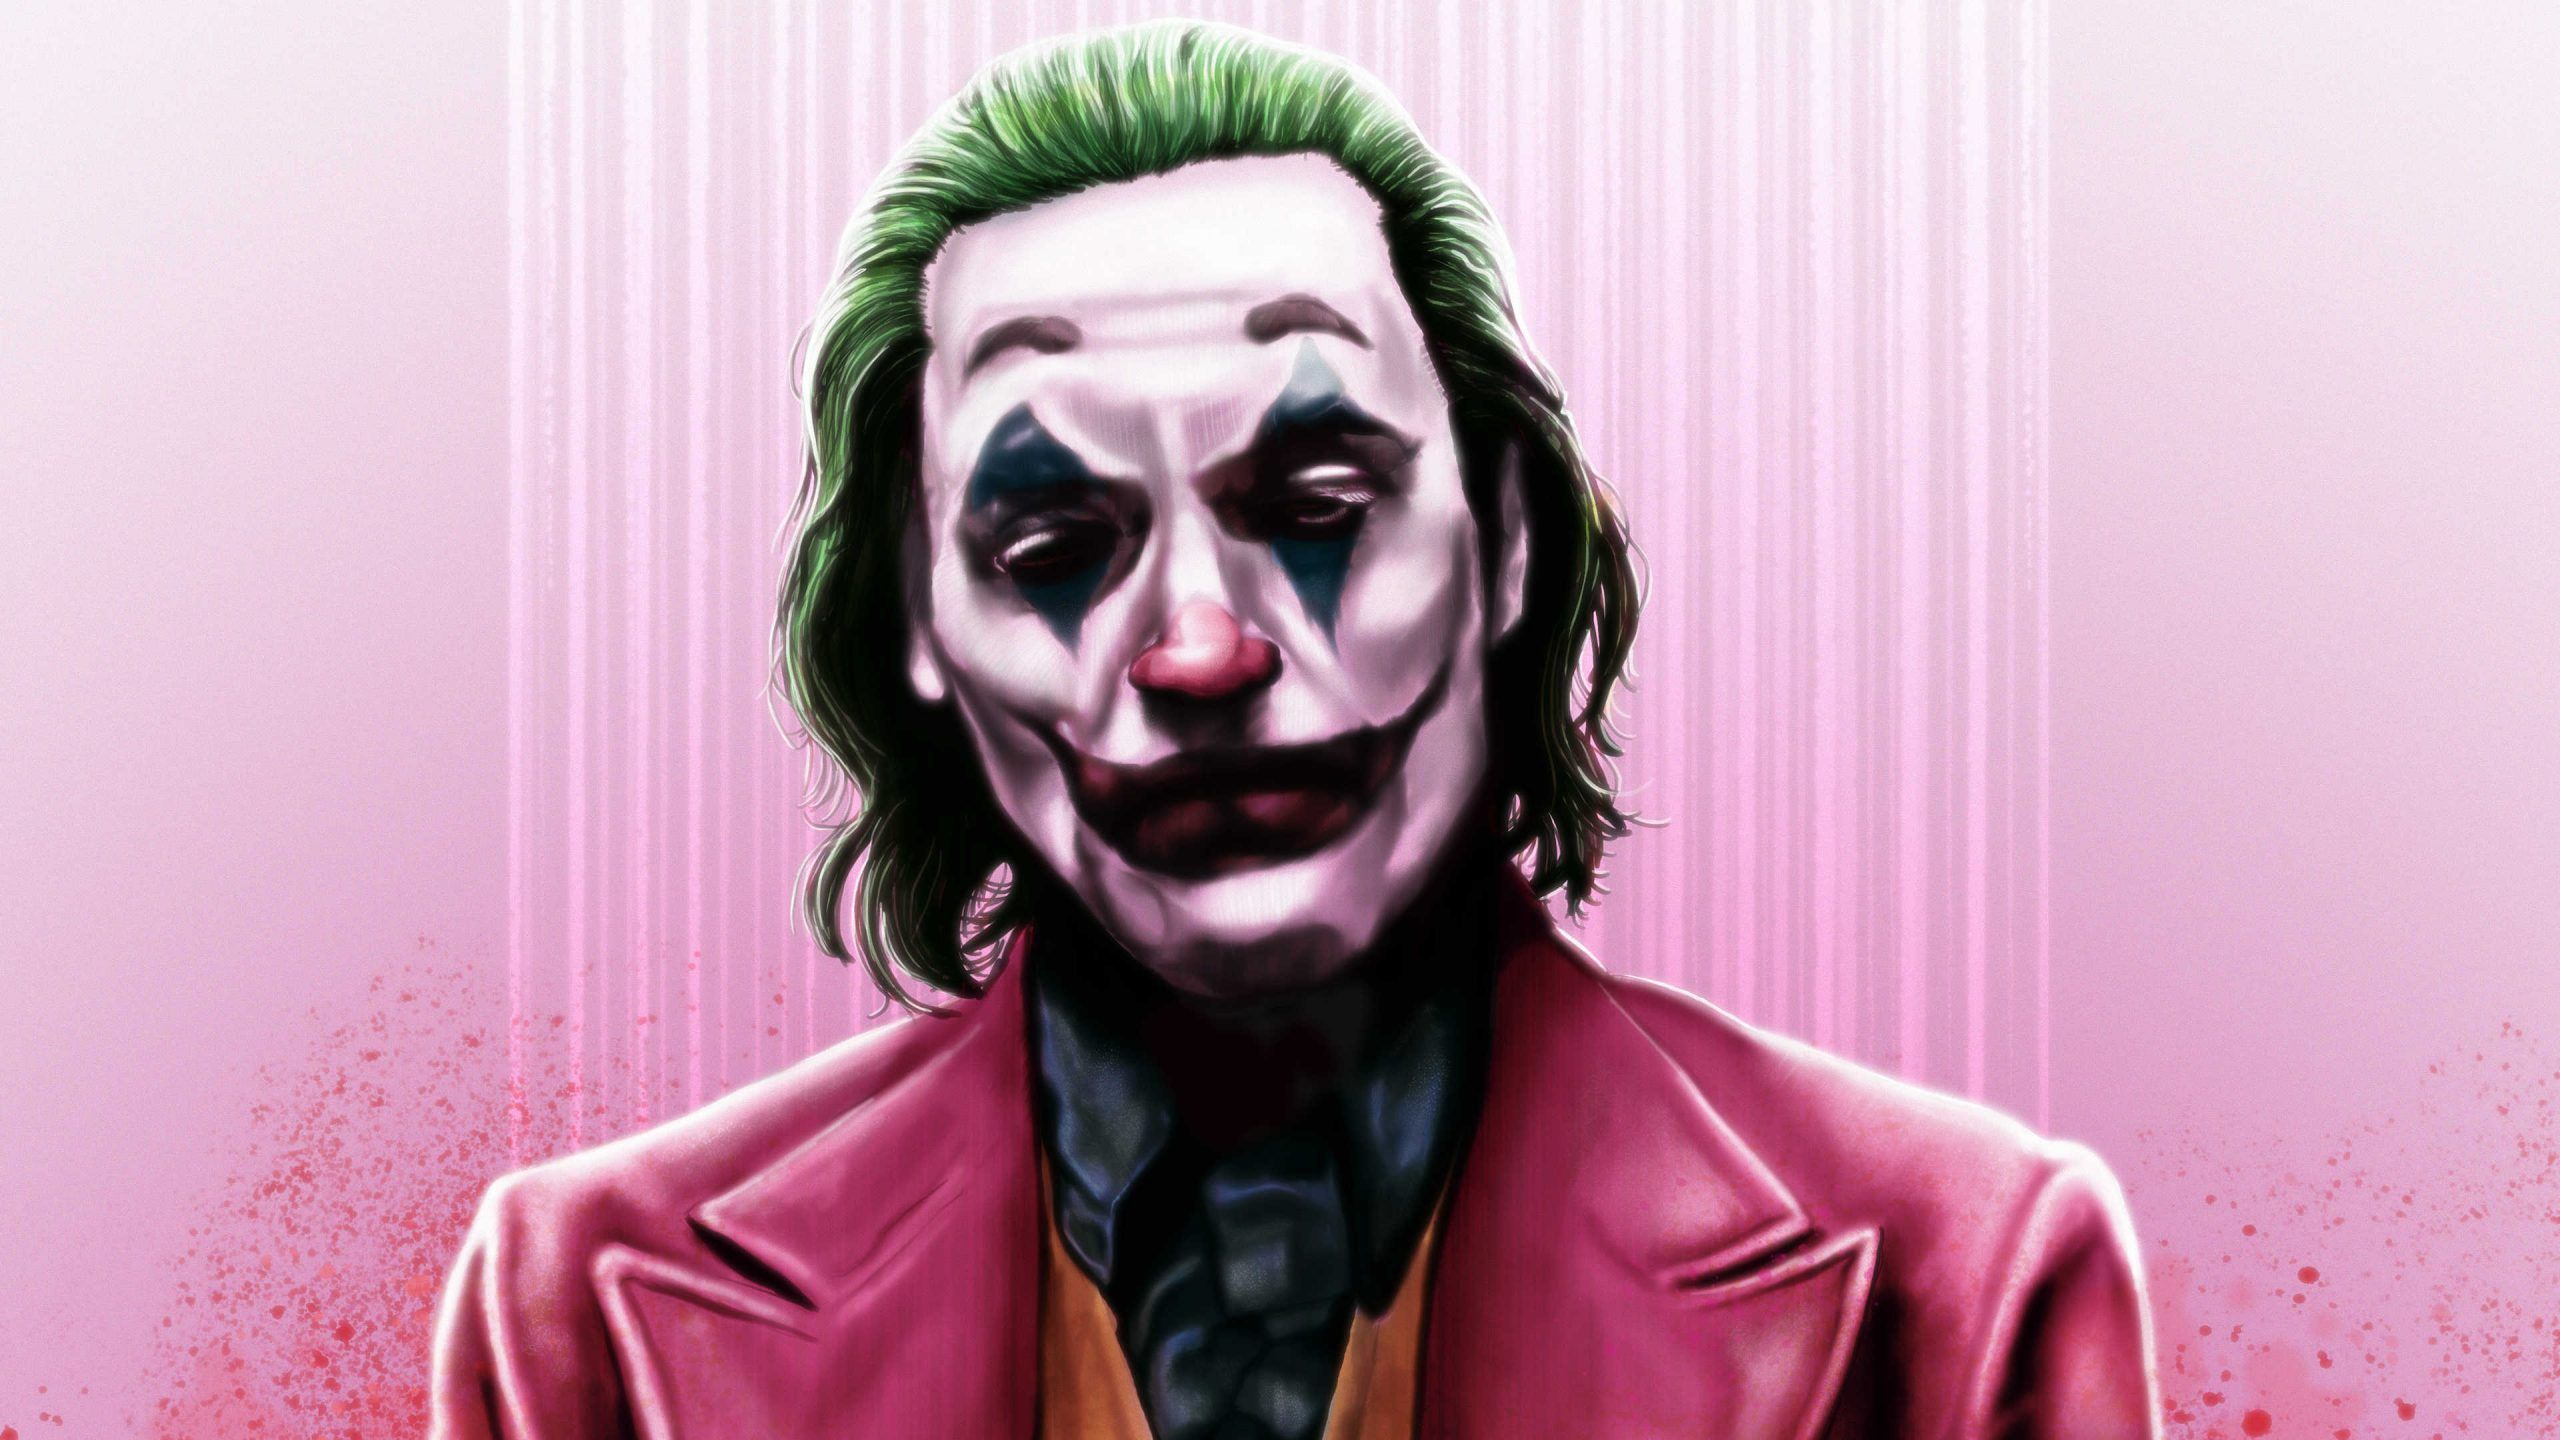 Joker Wallpaper 1080p In 2021 Joker Wallpapers Joker Hd Wallpaper Joker Joker 2021 joker wallpaper hd download